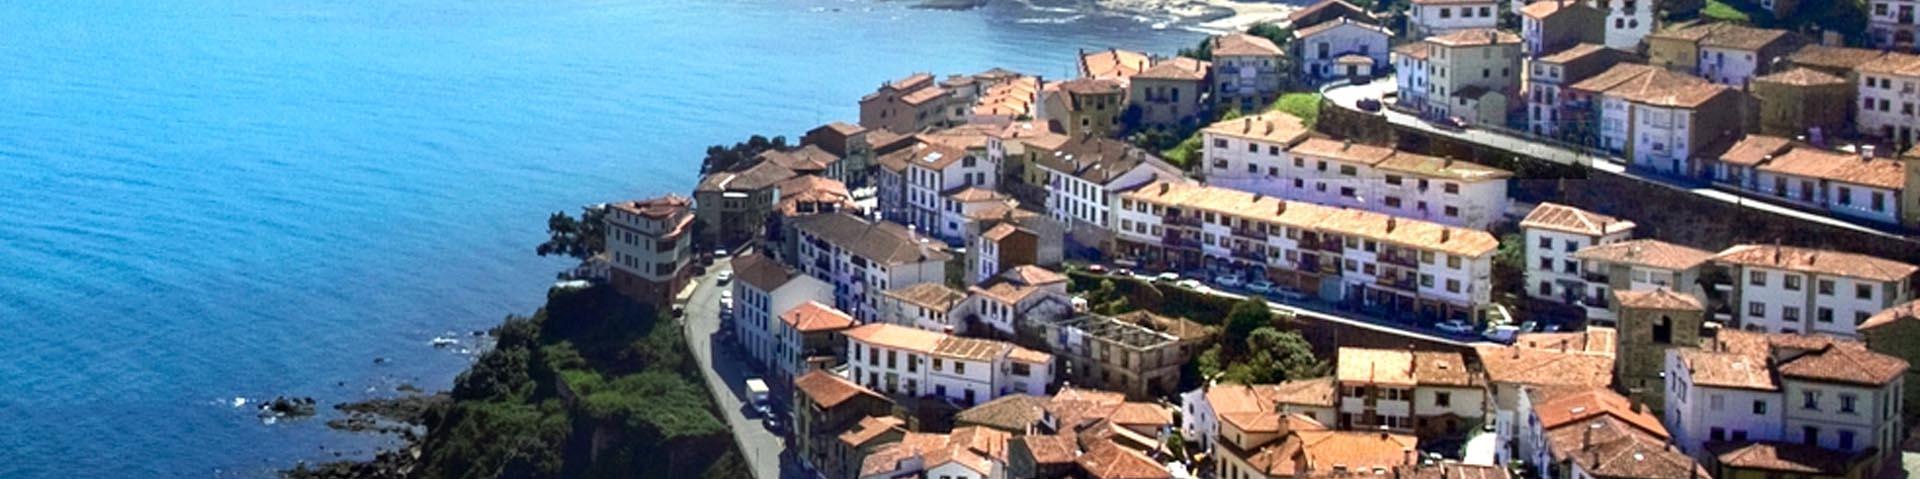 Lastres, visita imprescindible en Asturias